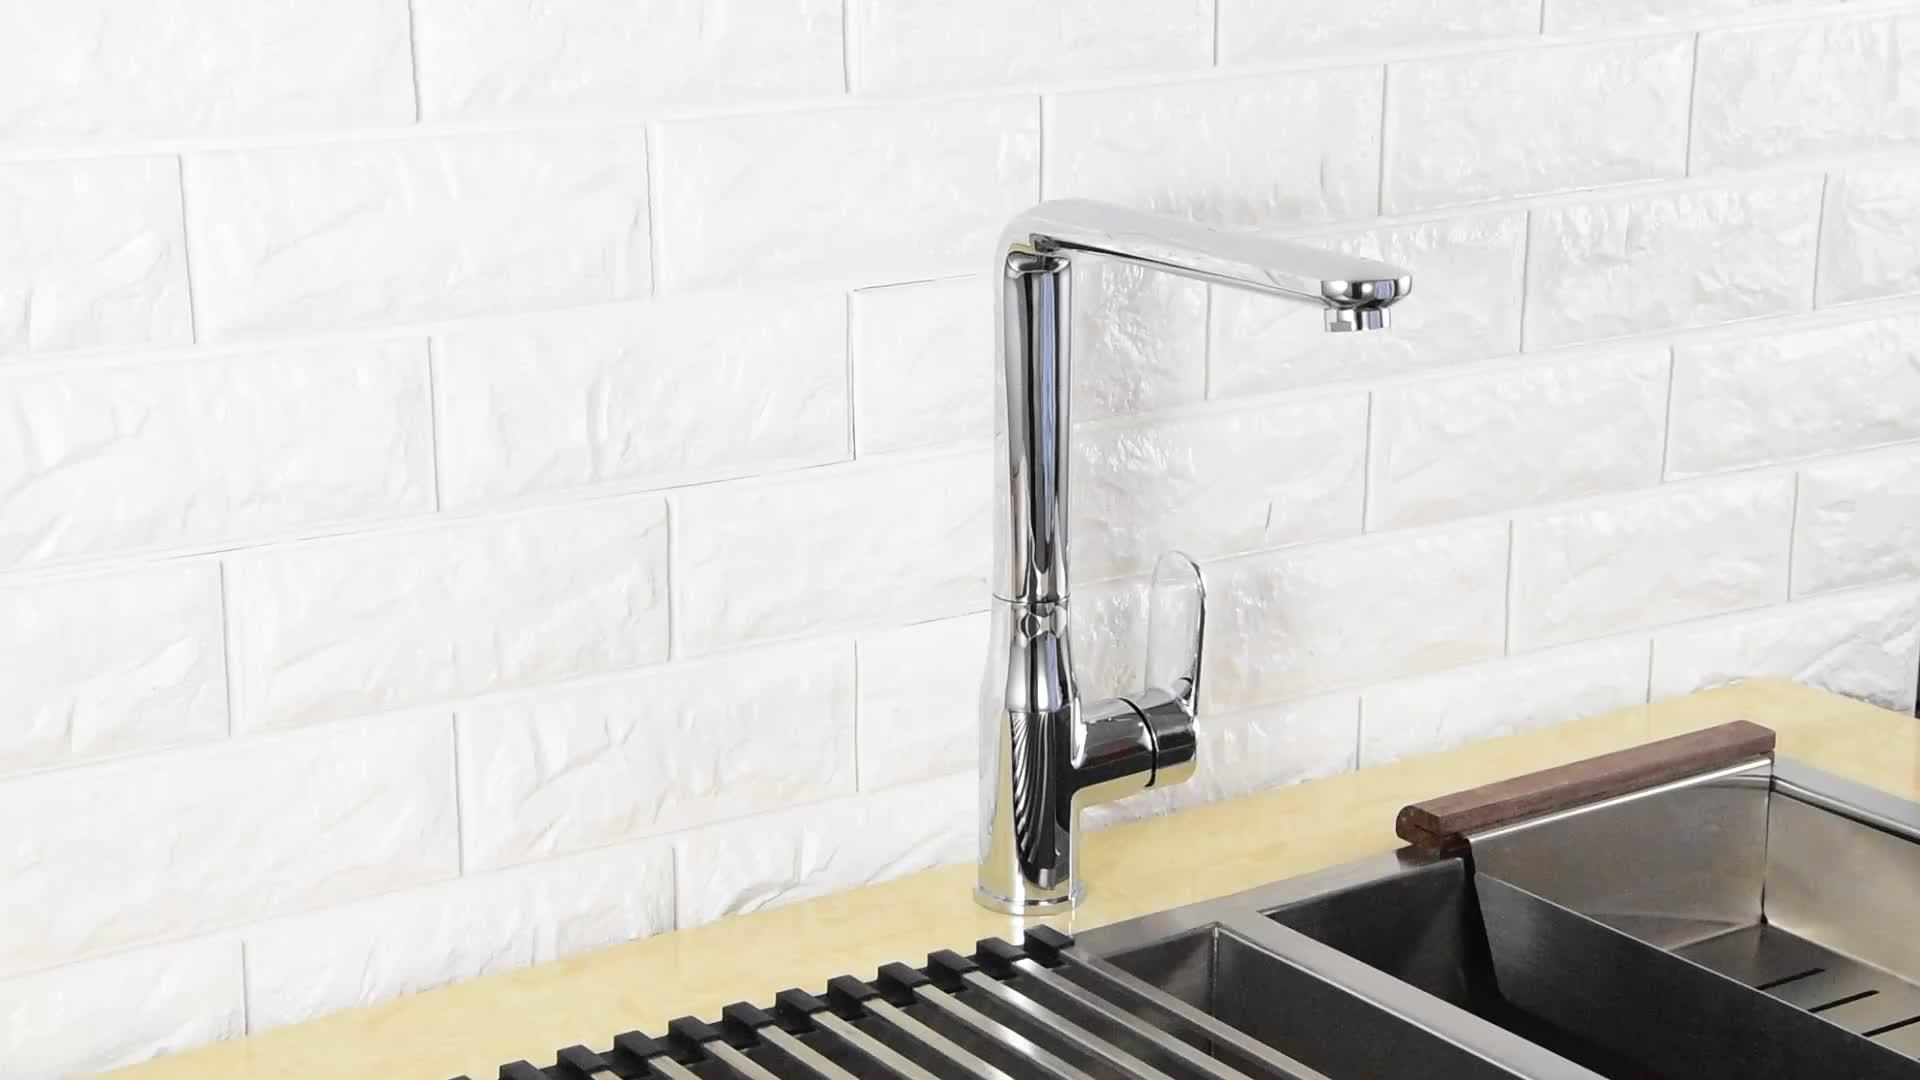 מפעל ישיר מכירות אמבטיה מטבח ברז כרום פליז מוצק אגן כיור ברזי מים